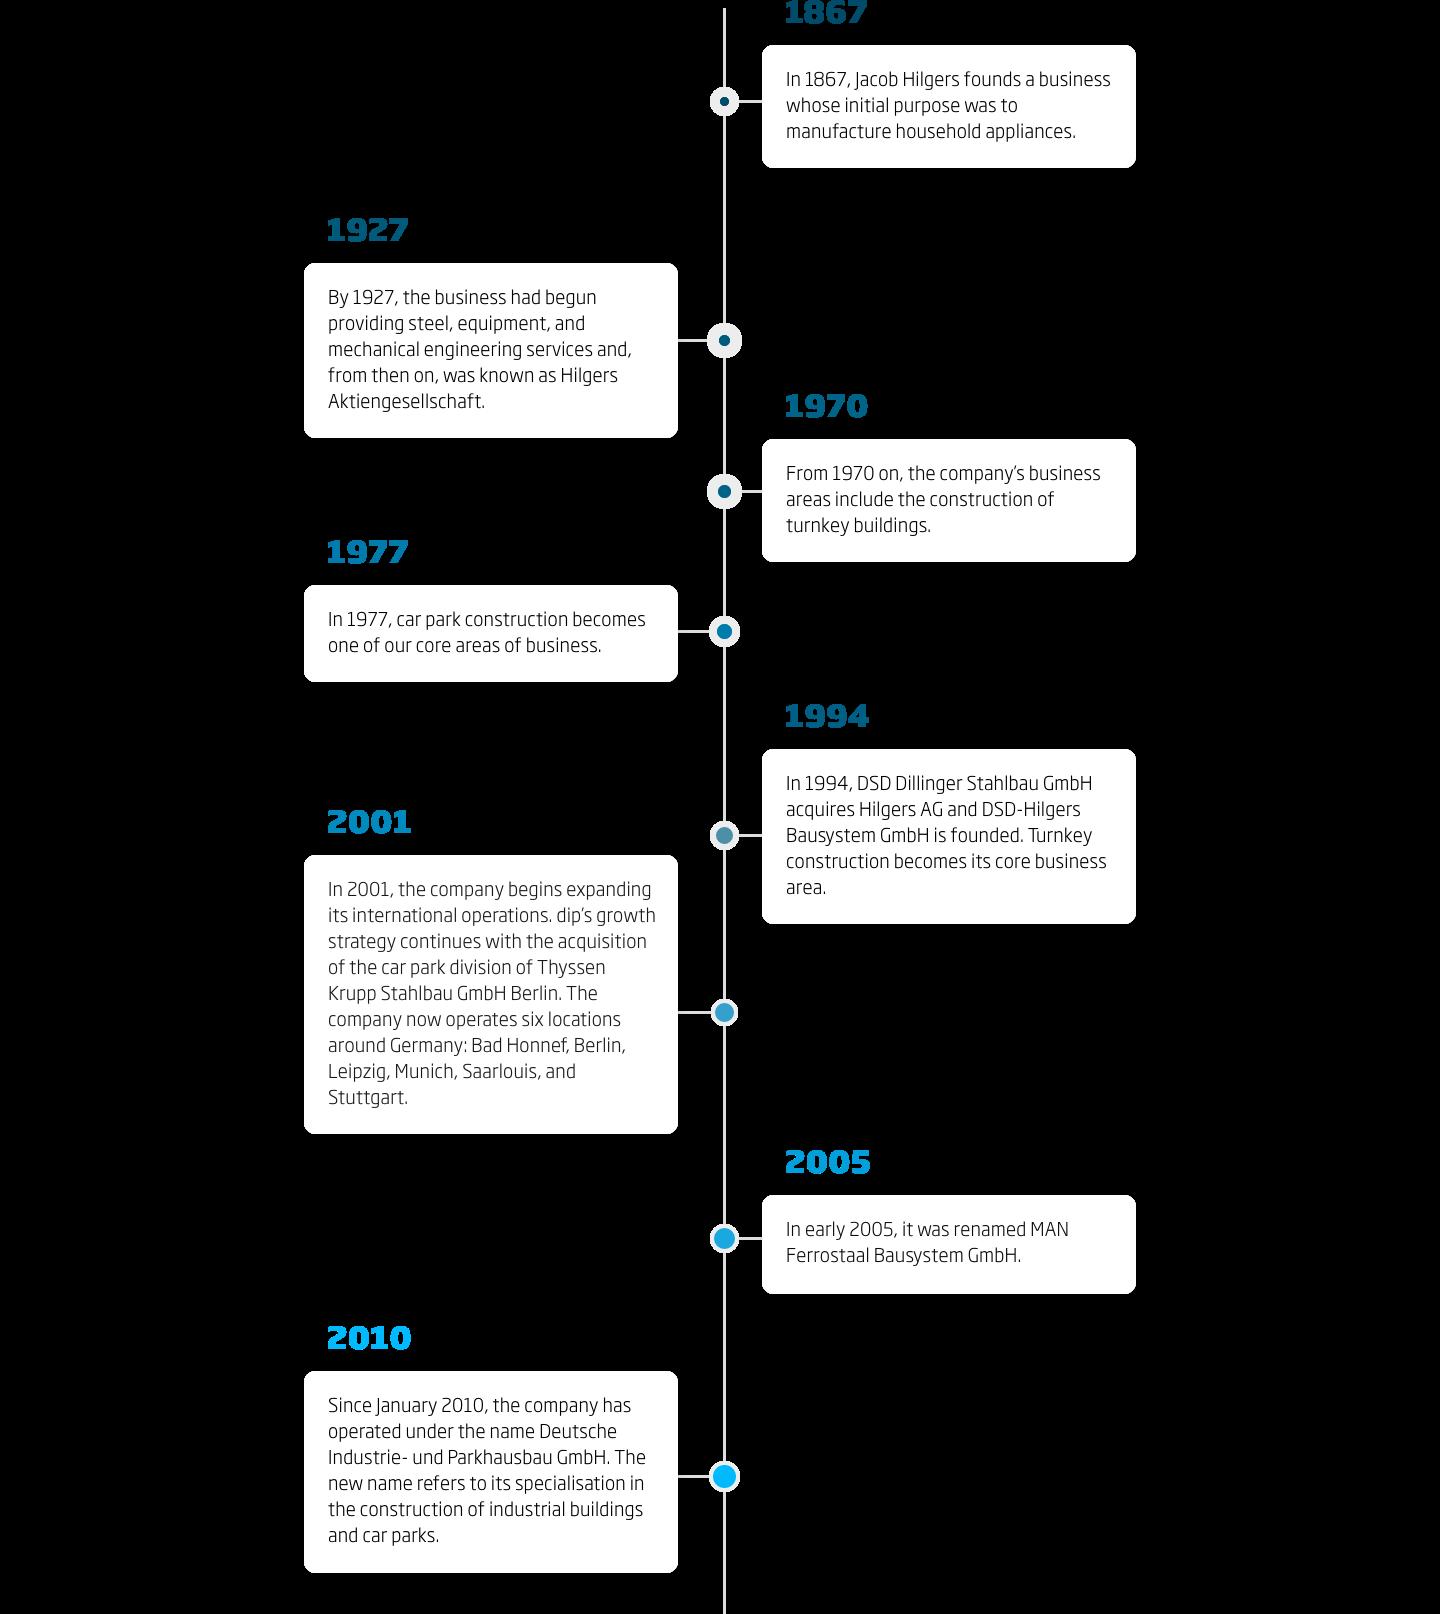 dip Timeline